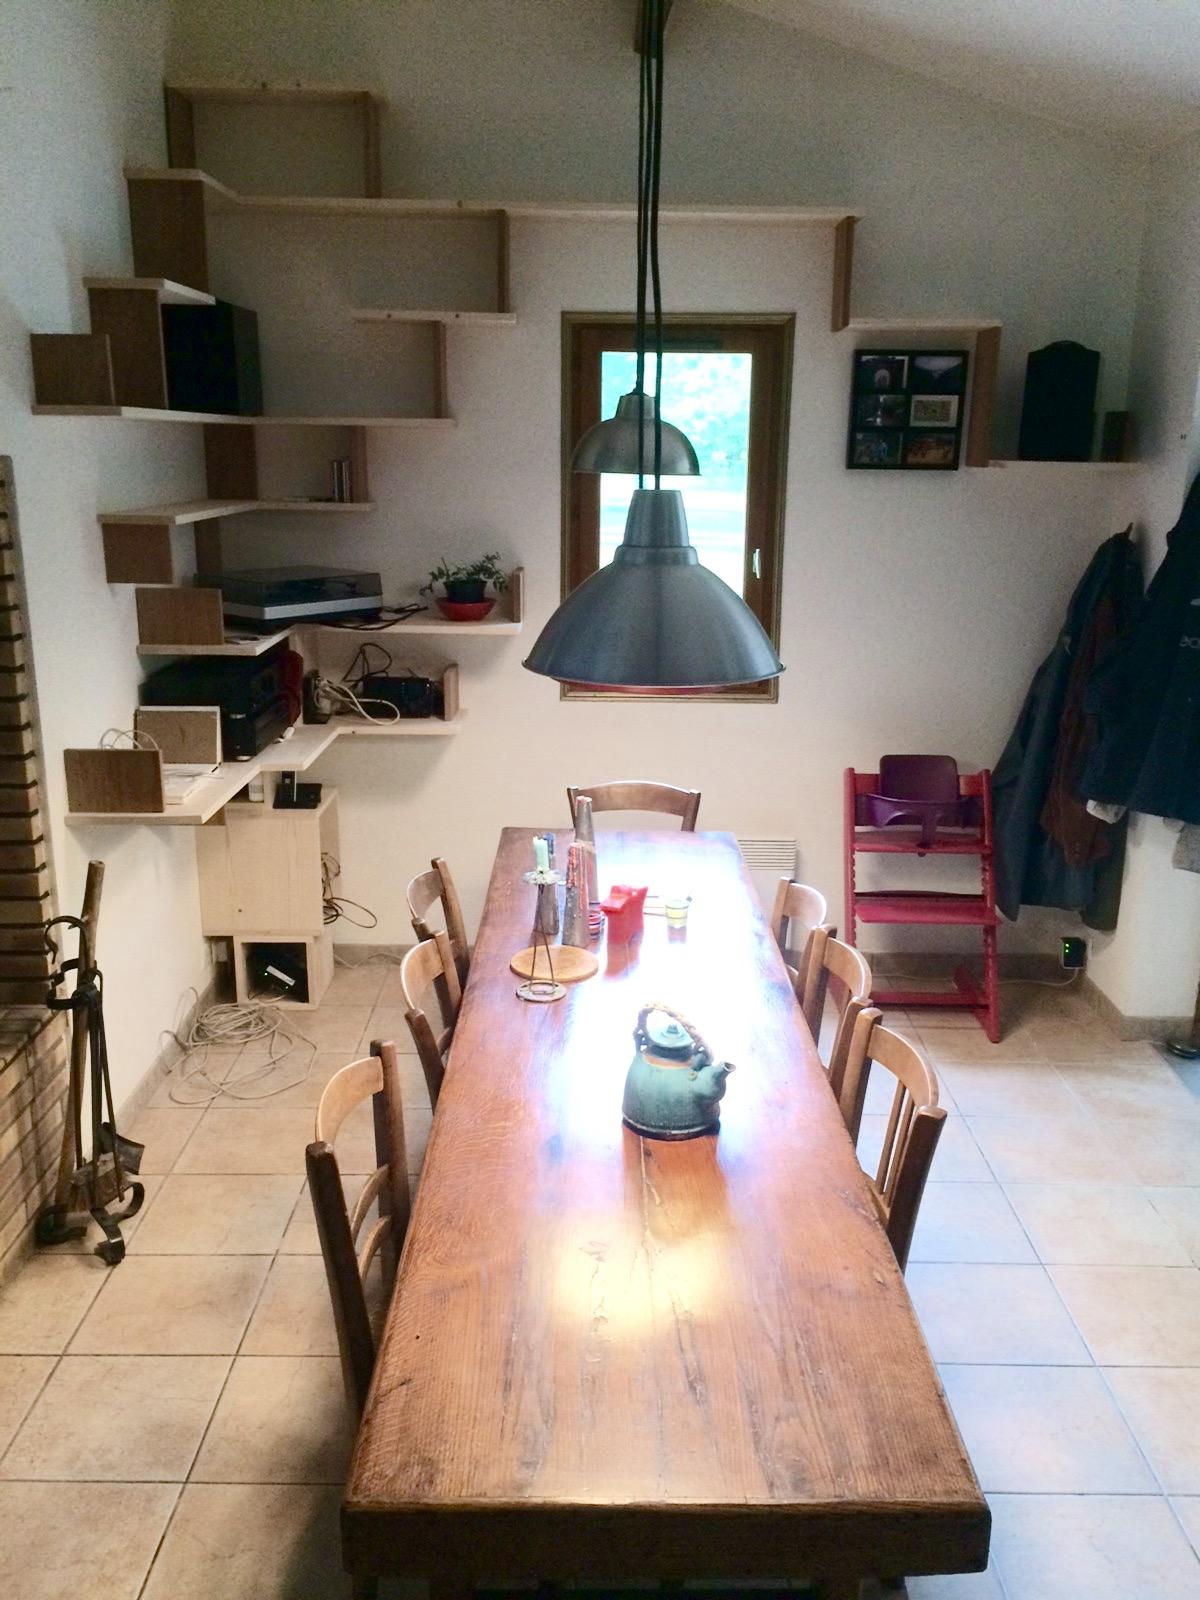 menuisier wetterwald bordeaux une tag re sur mesure menuiserie wetterwald. Black Bedroom Furniture Sets. Home Design Ideas